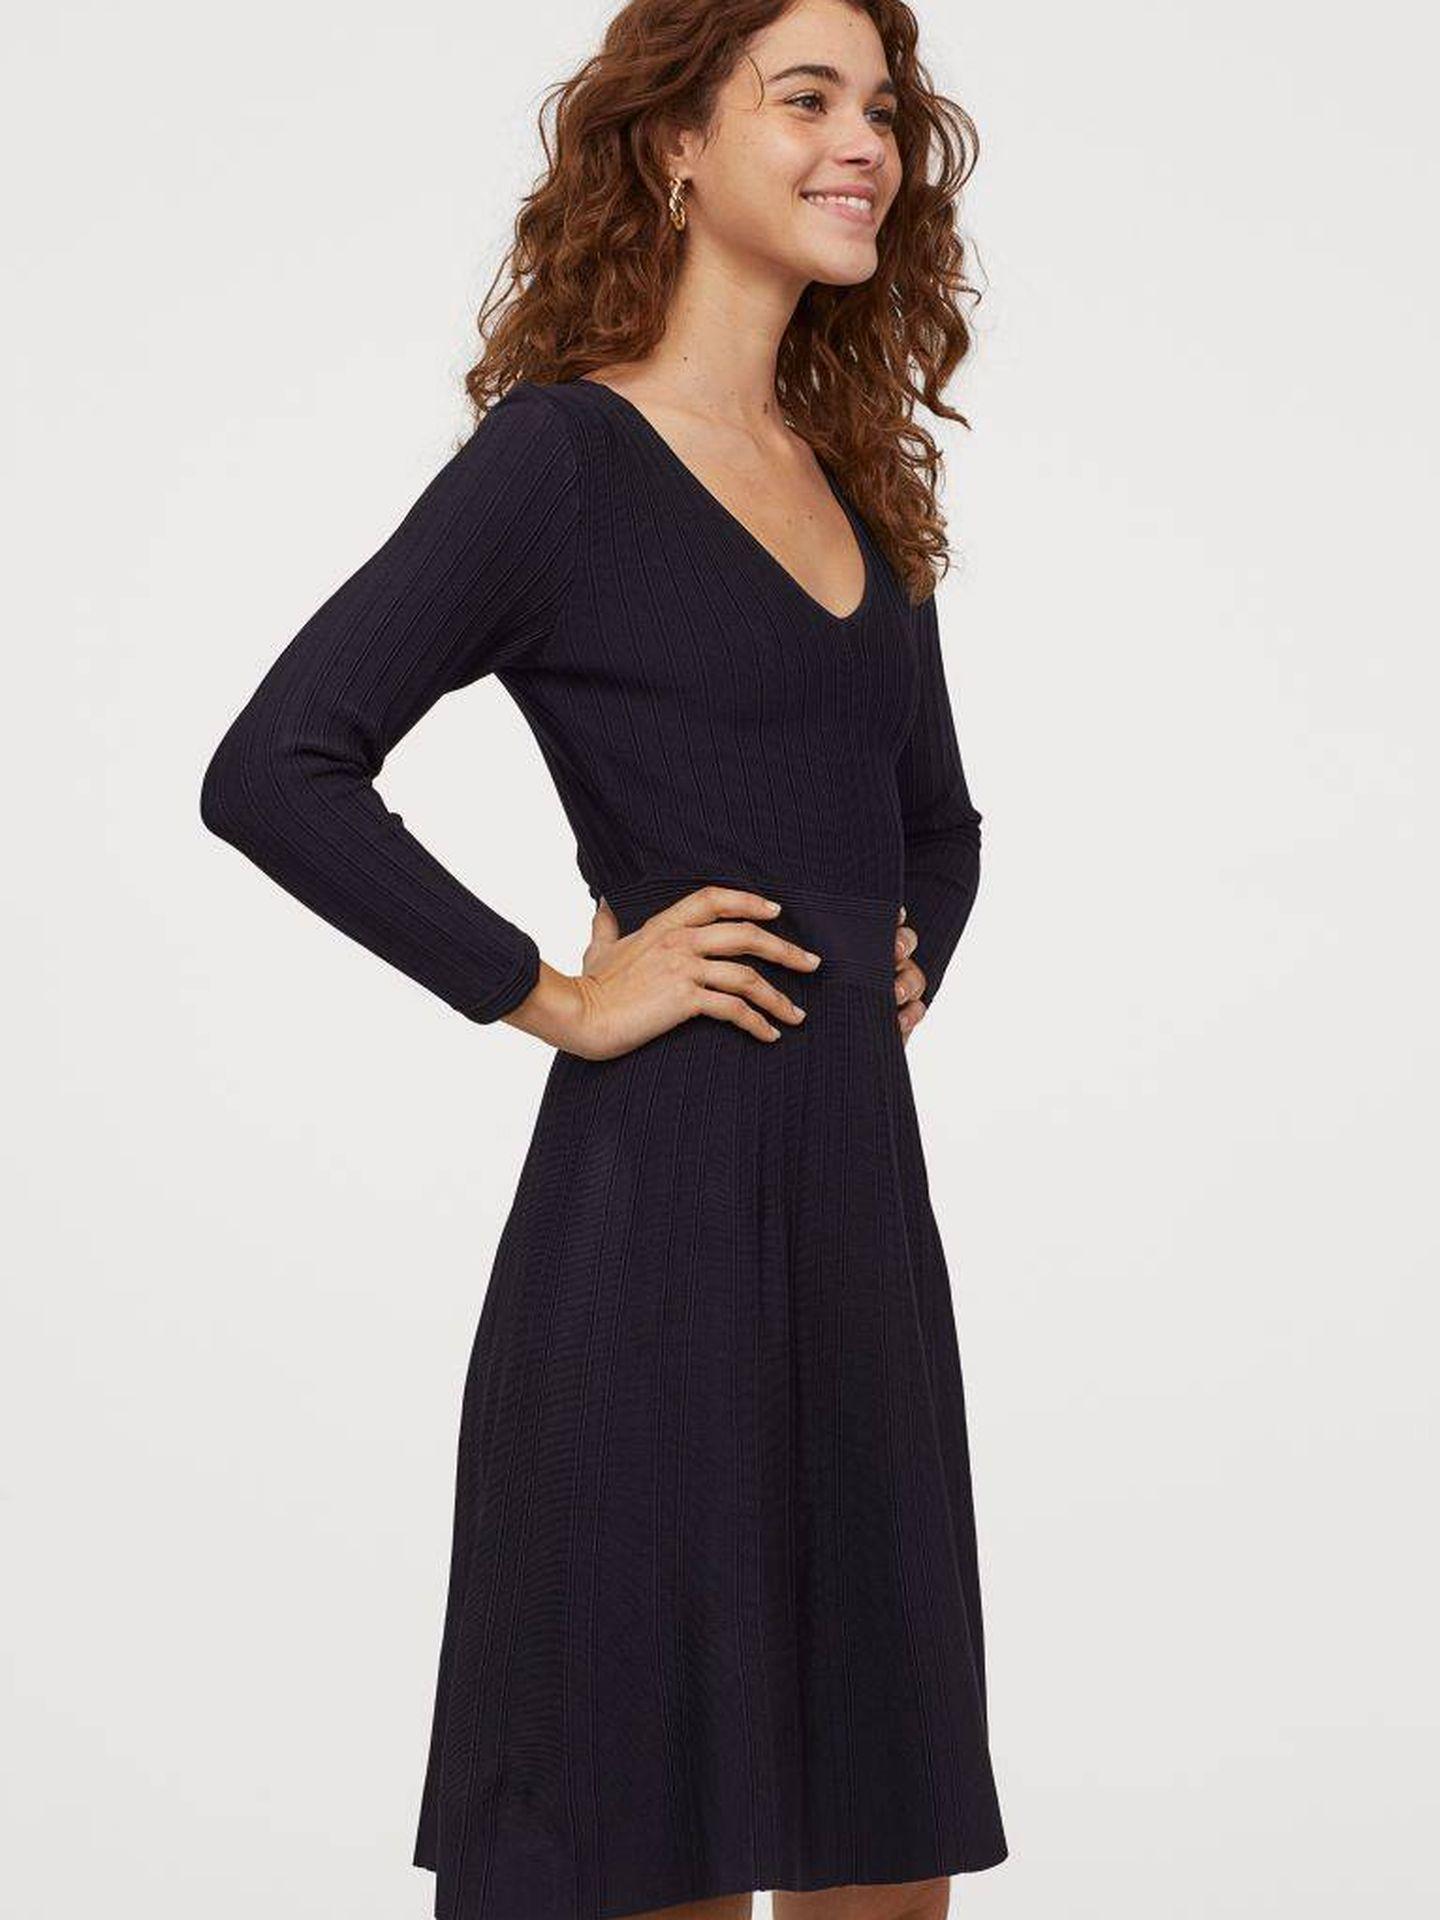 Descubre cómo es este vestido todopoderoso de HyM. (Cortesía)